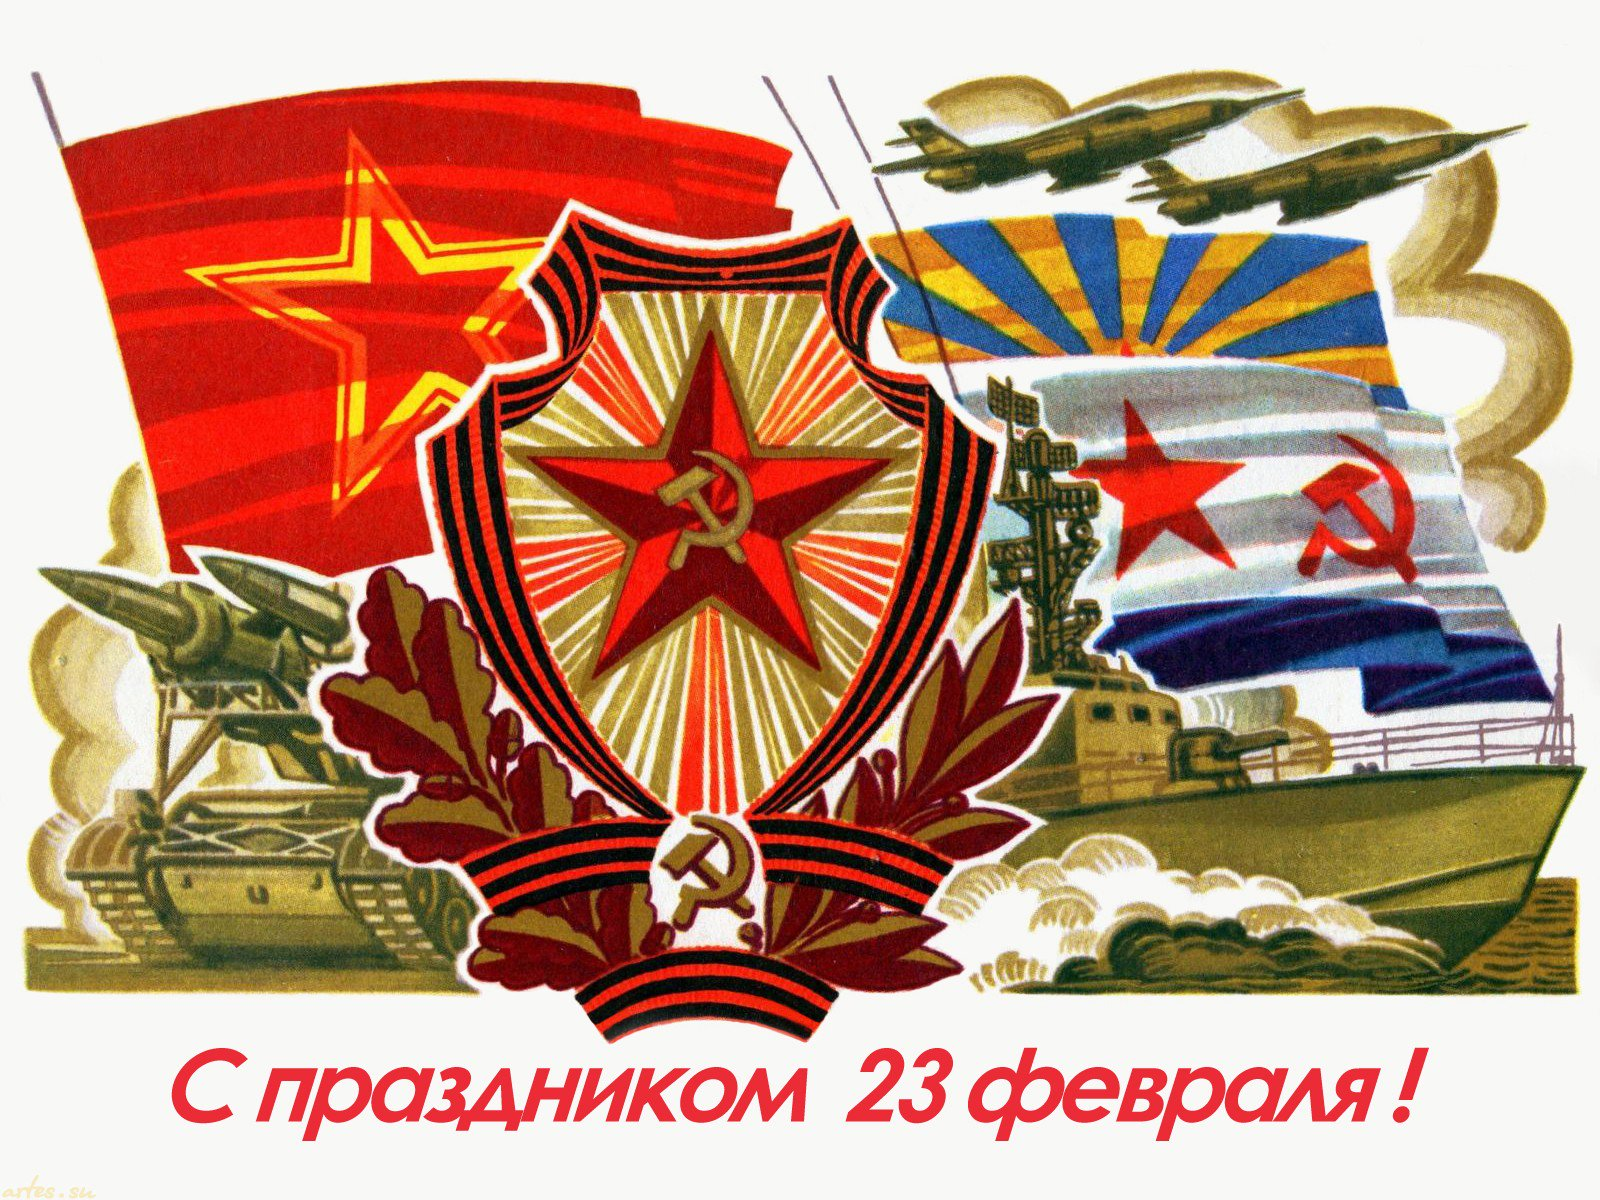 Новым годом, поздравления с днем советской армии открытка